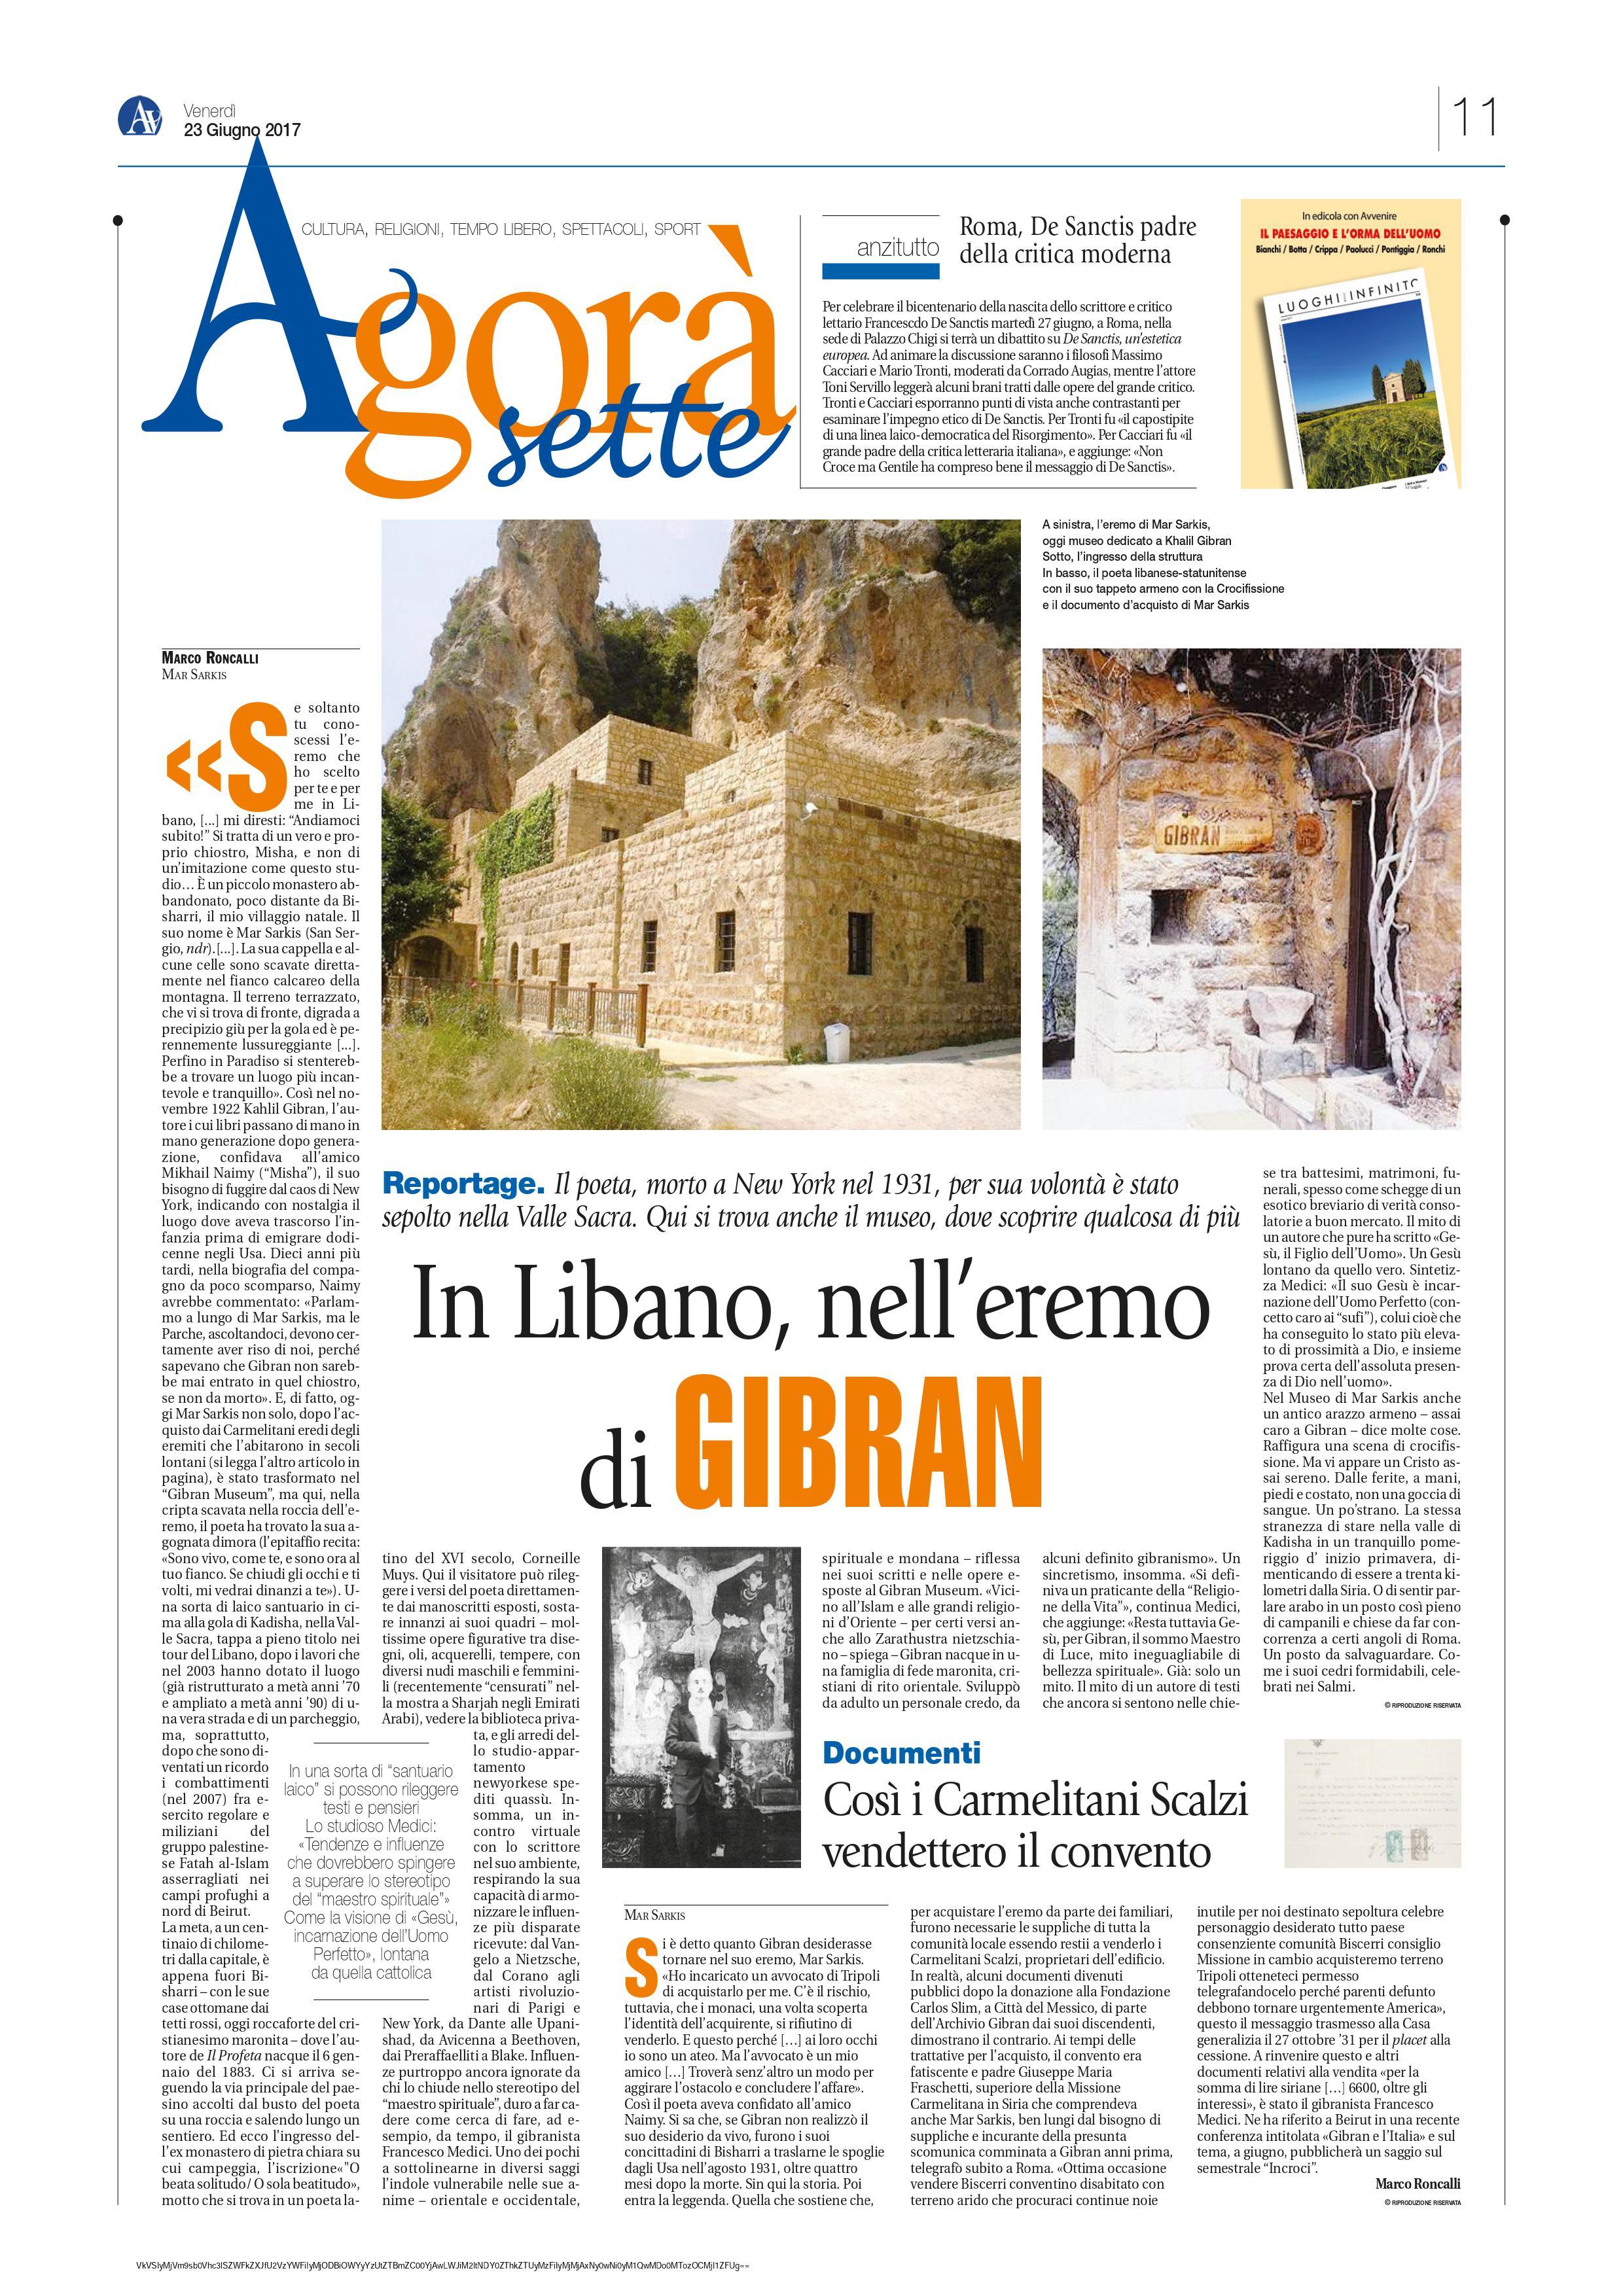 """Marco Roncalli, """"In Libano, nell'eremo di Gibran"""", Jun 23, 2017, p. 11."""